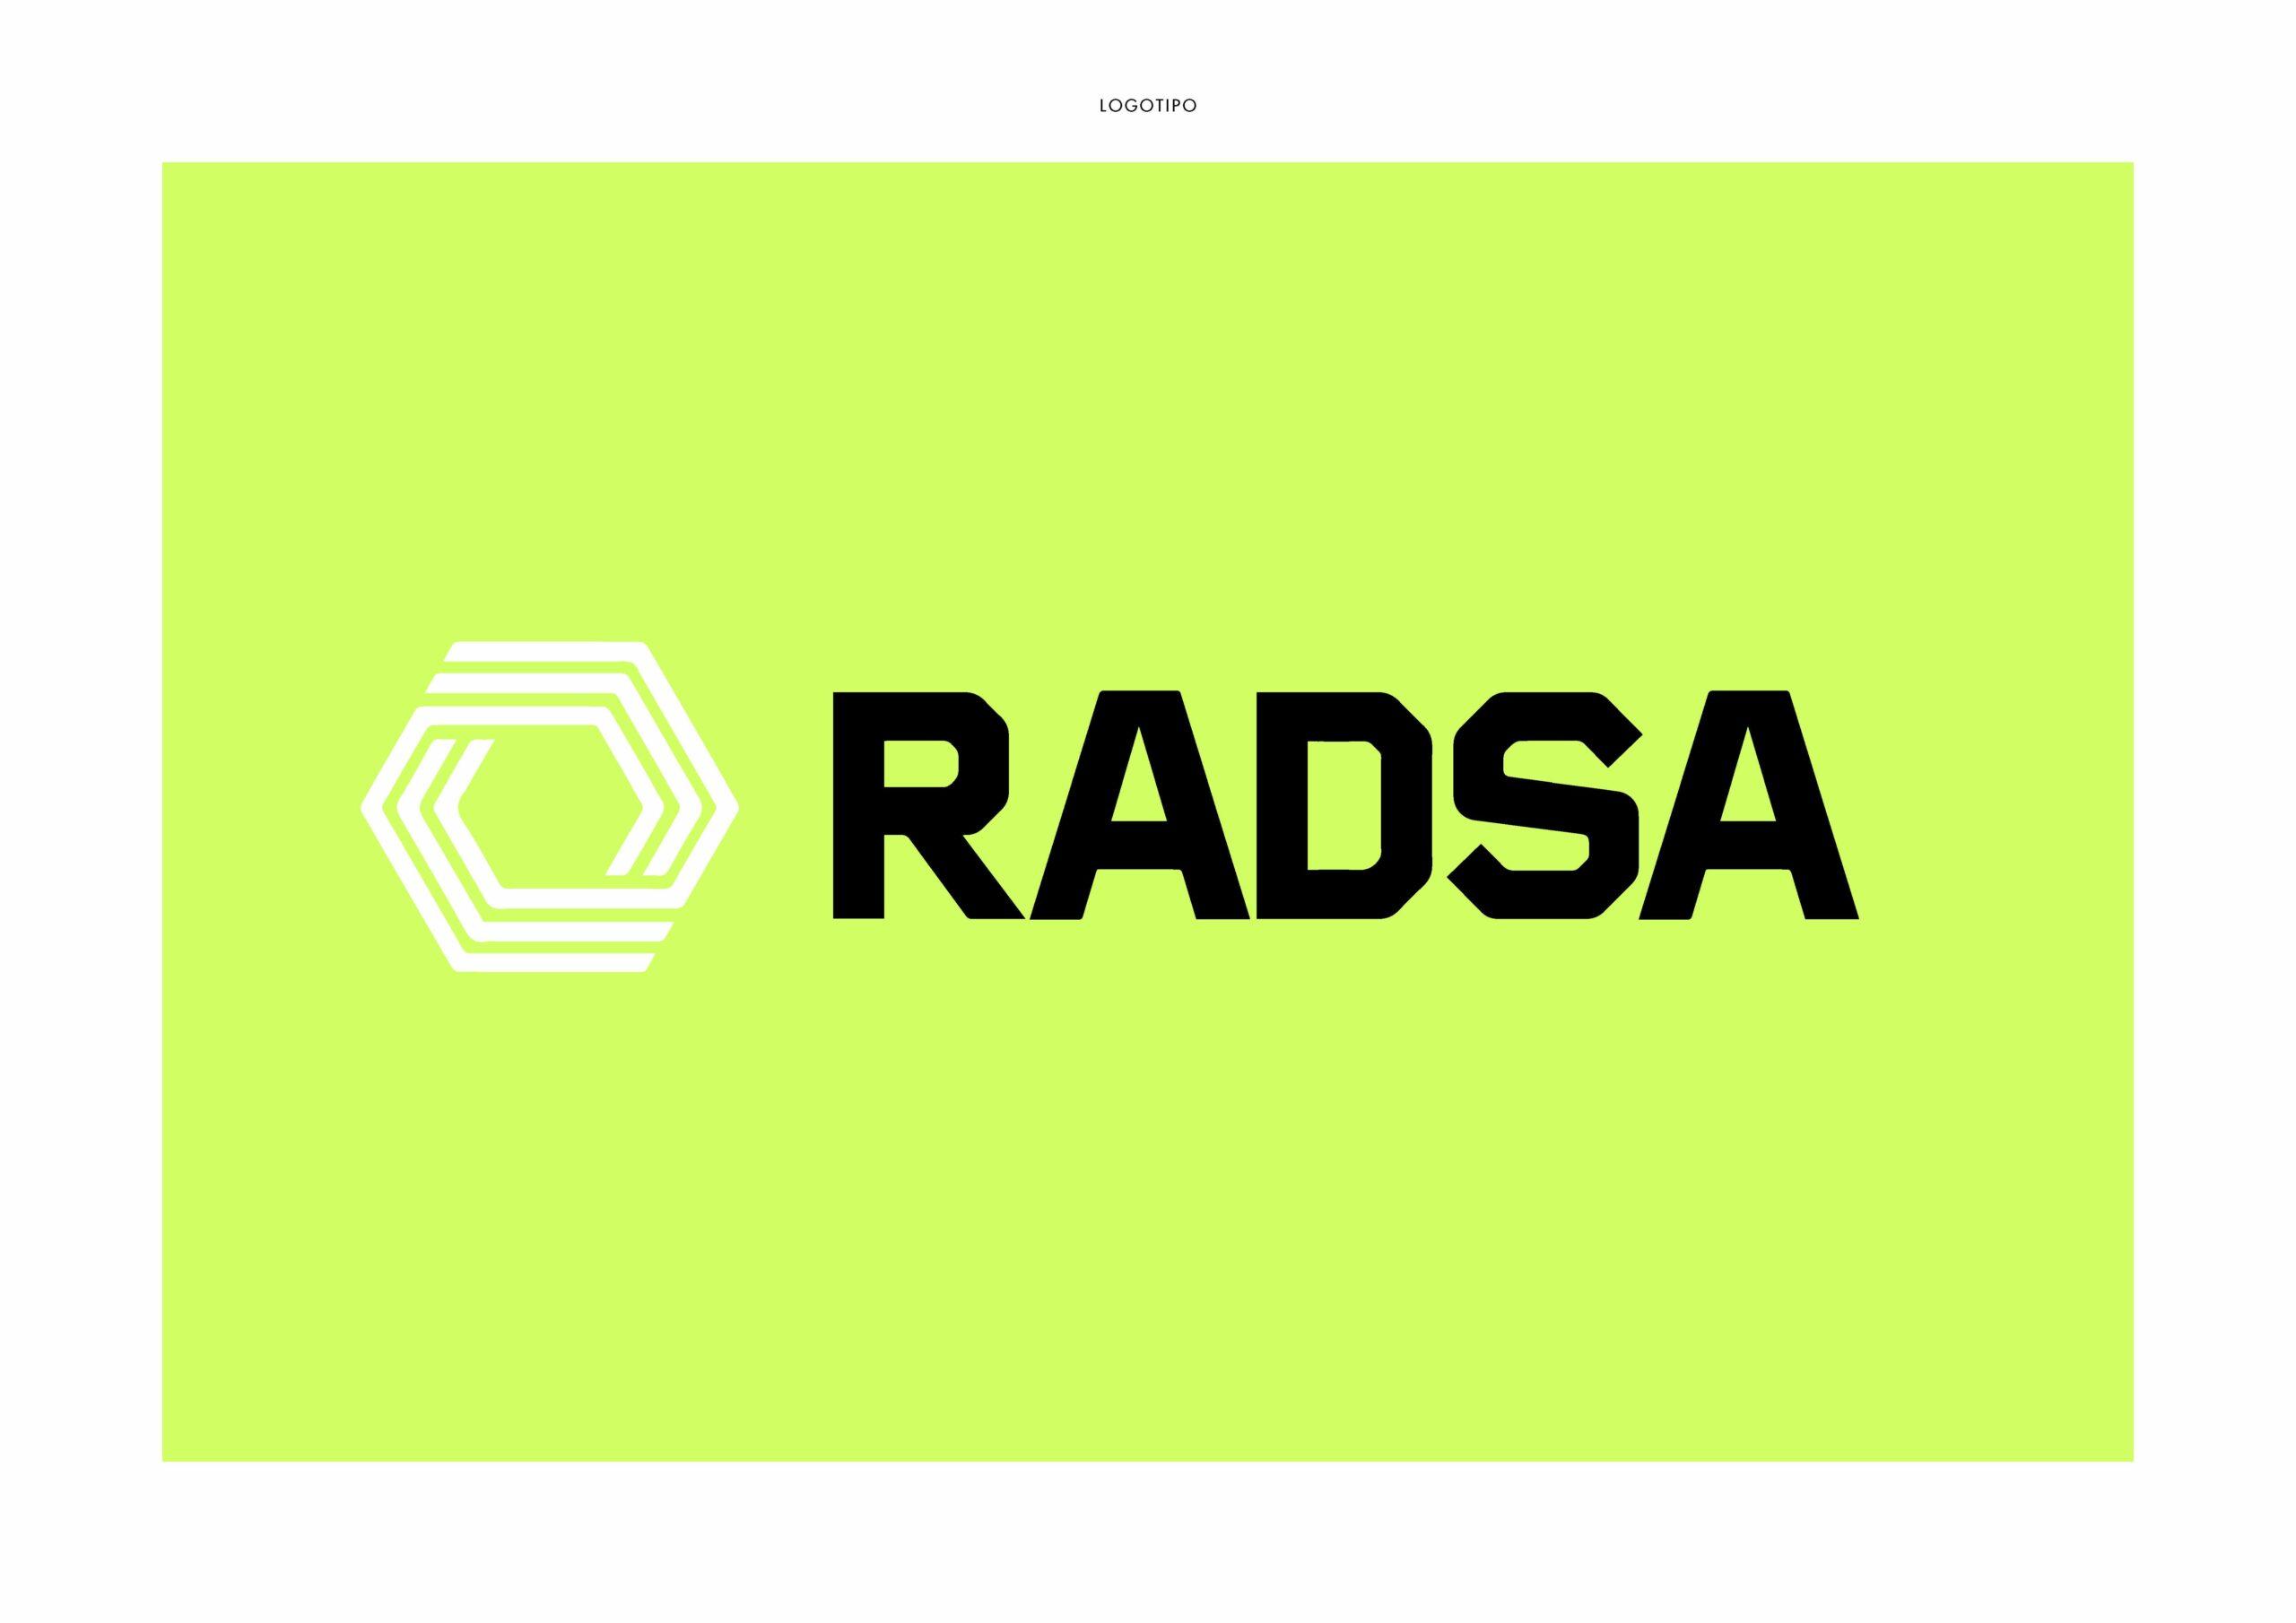 Nueva normalidad – Desescalada puntos de venta RADSA